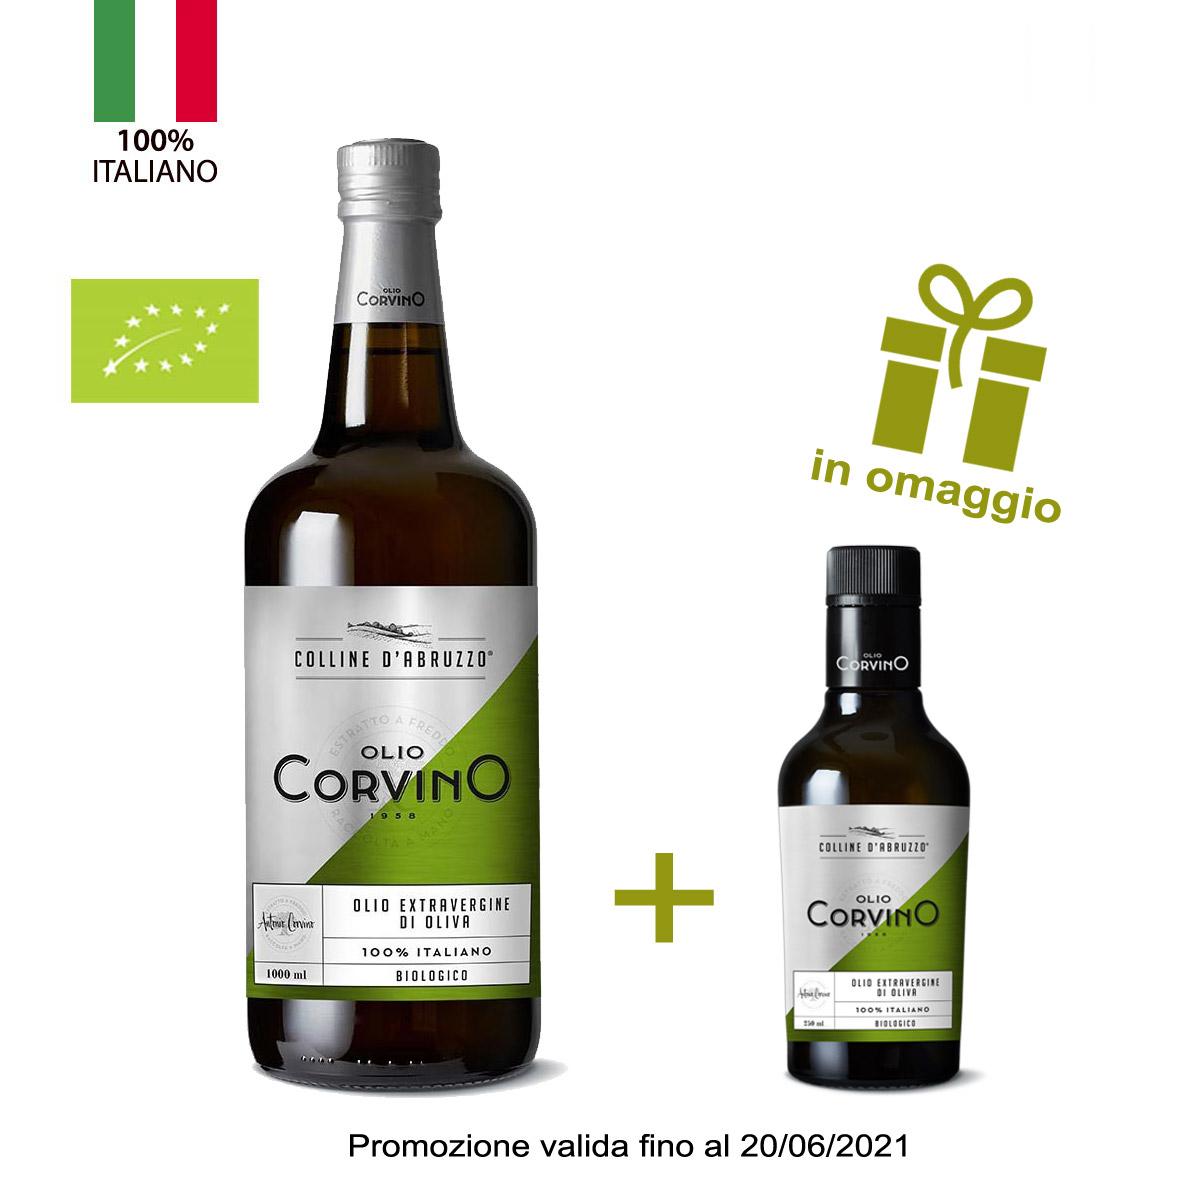 n.6 bottiglie Colline d'Abruzzo Biologico 1L +  in omaggio n.1 bottiglia mini size da tavola olio evo 'Colline d'Abruzzo' biologico lt 0,25 (promozione valida fino al 20/06/21)